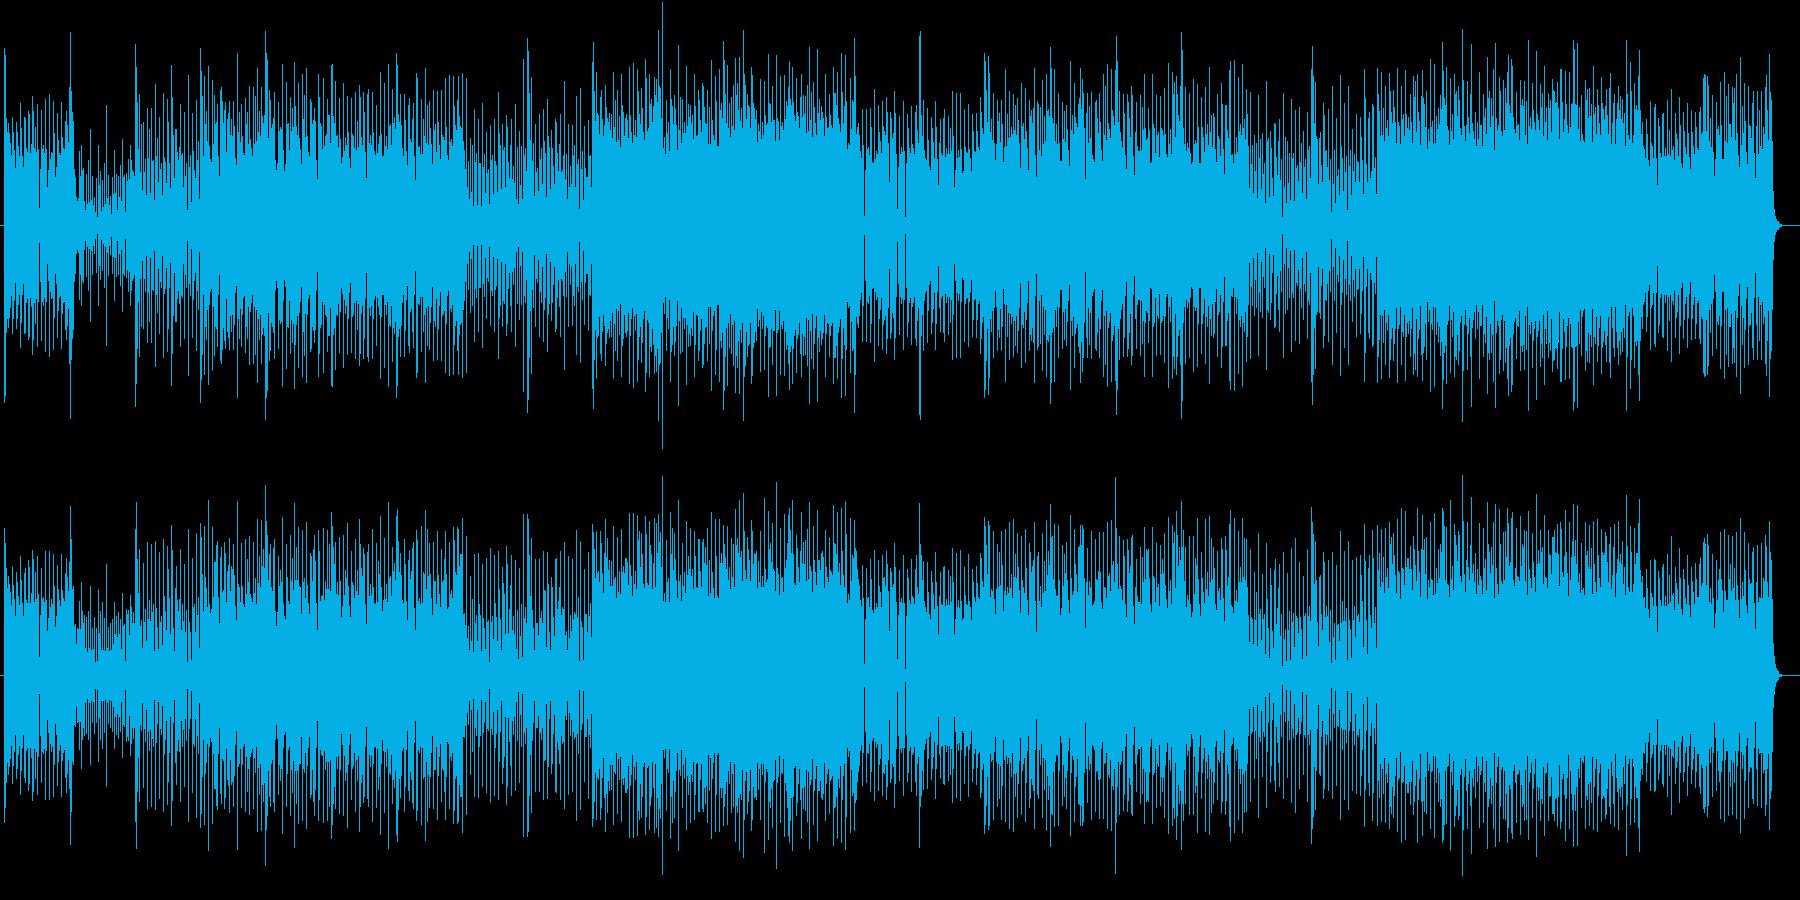 戦闘向けのサイバー系テクノの再生済みの波形